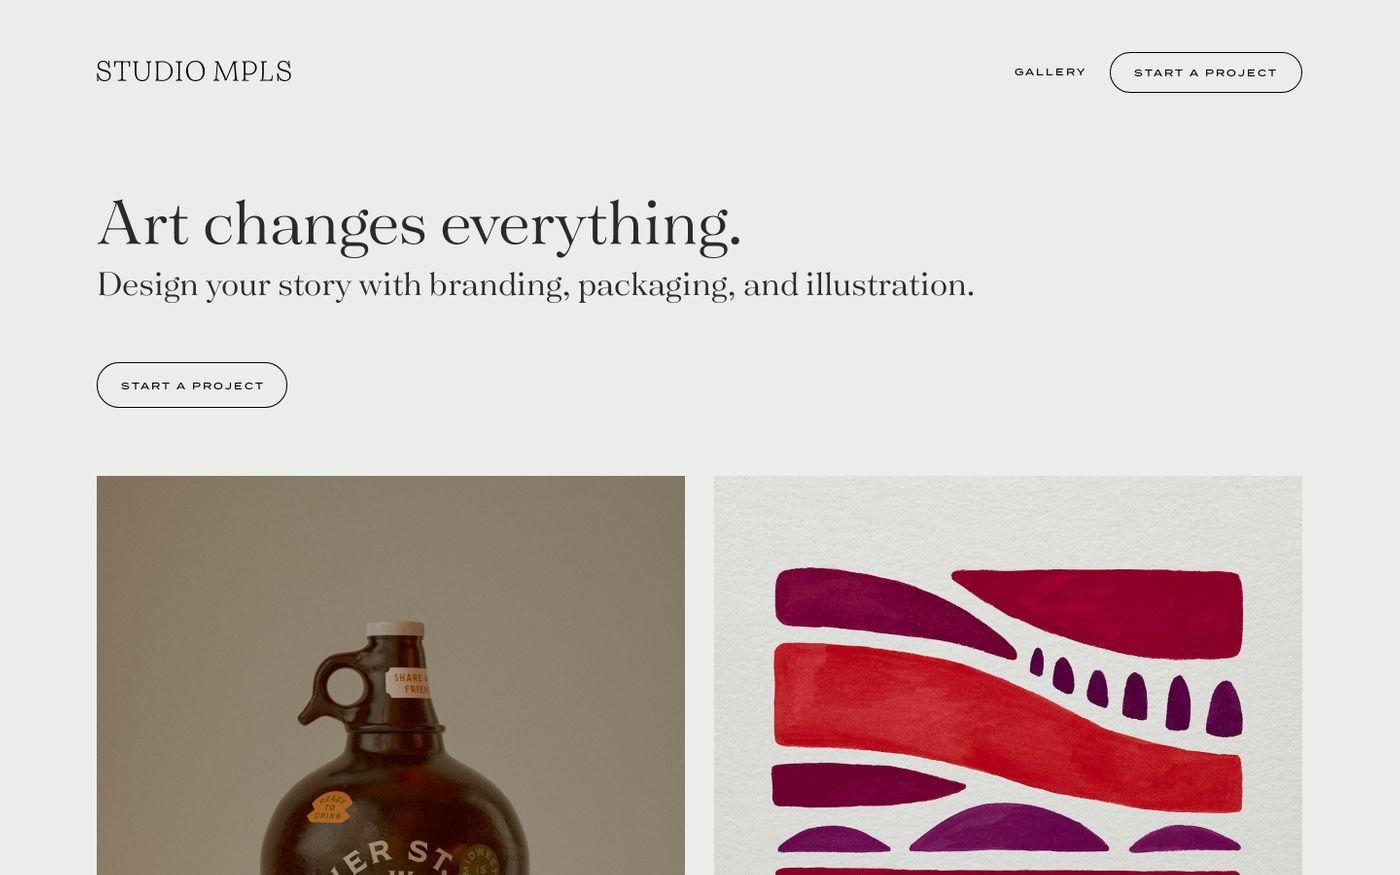 Screenshot of Studio MPLS website